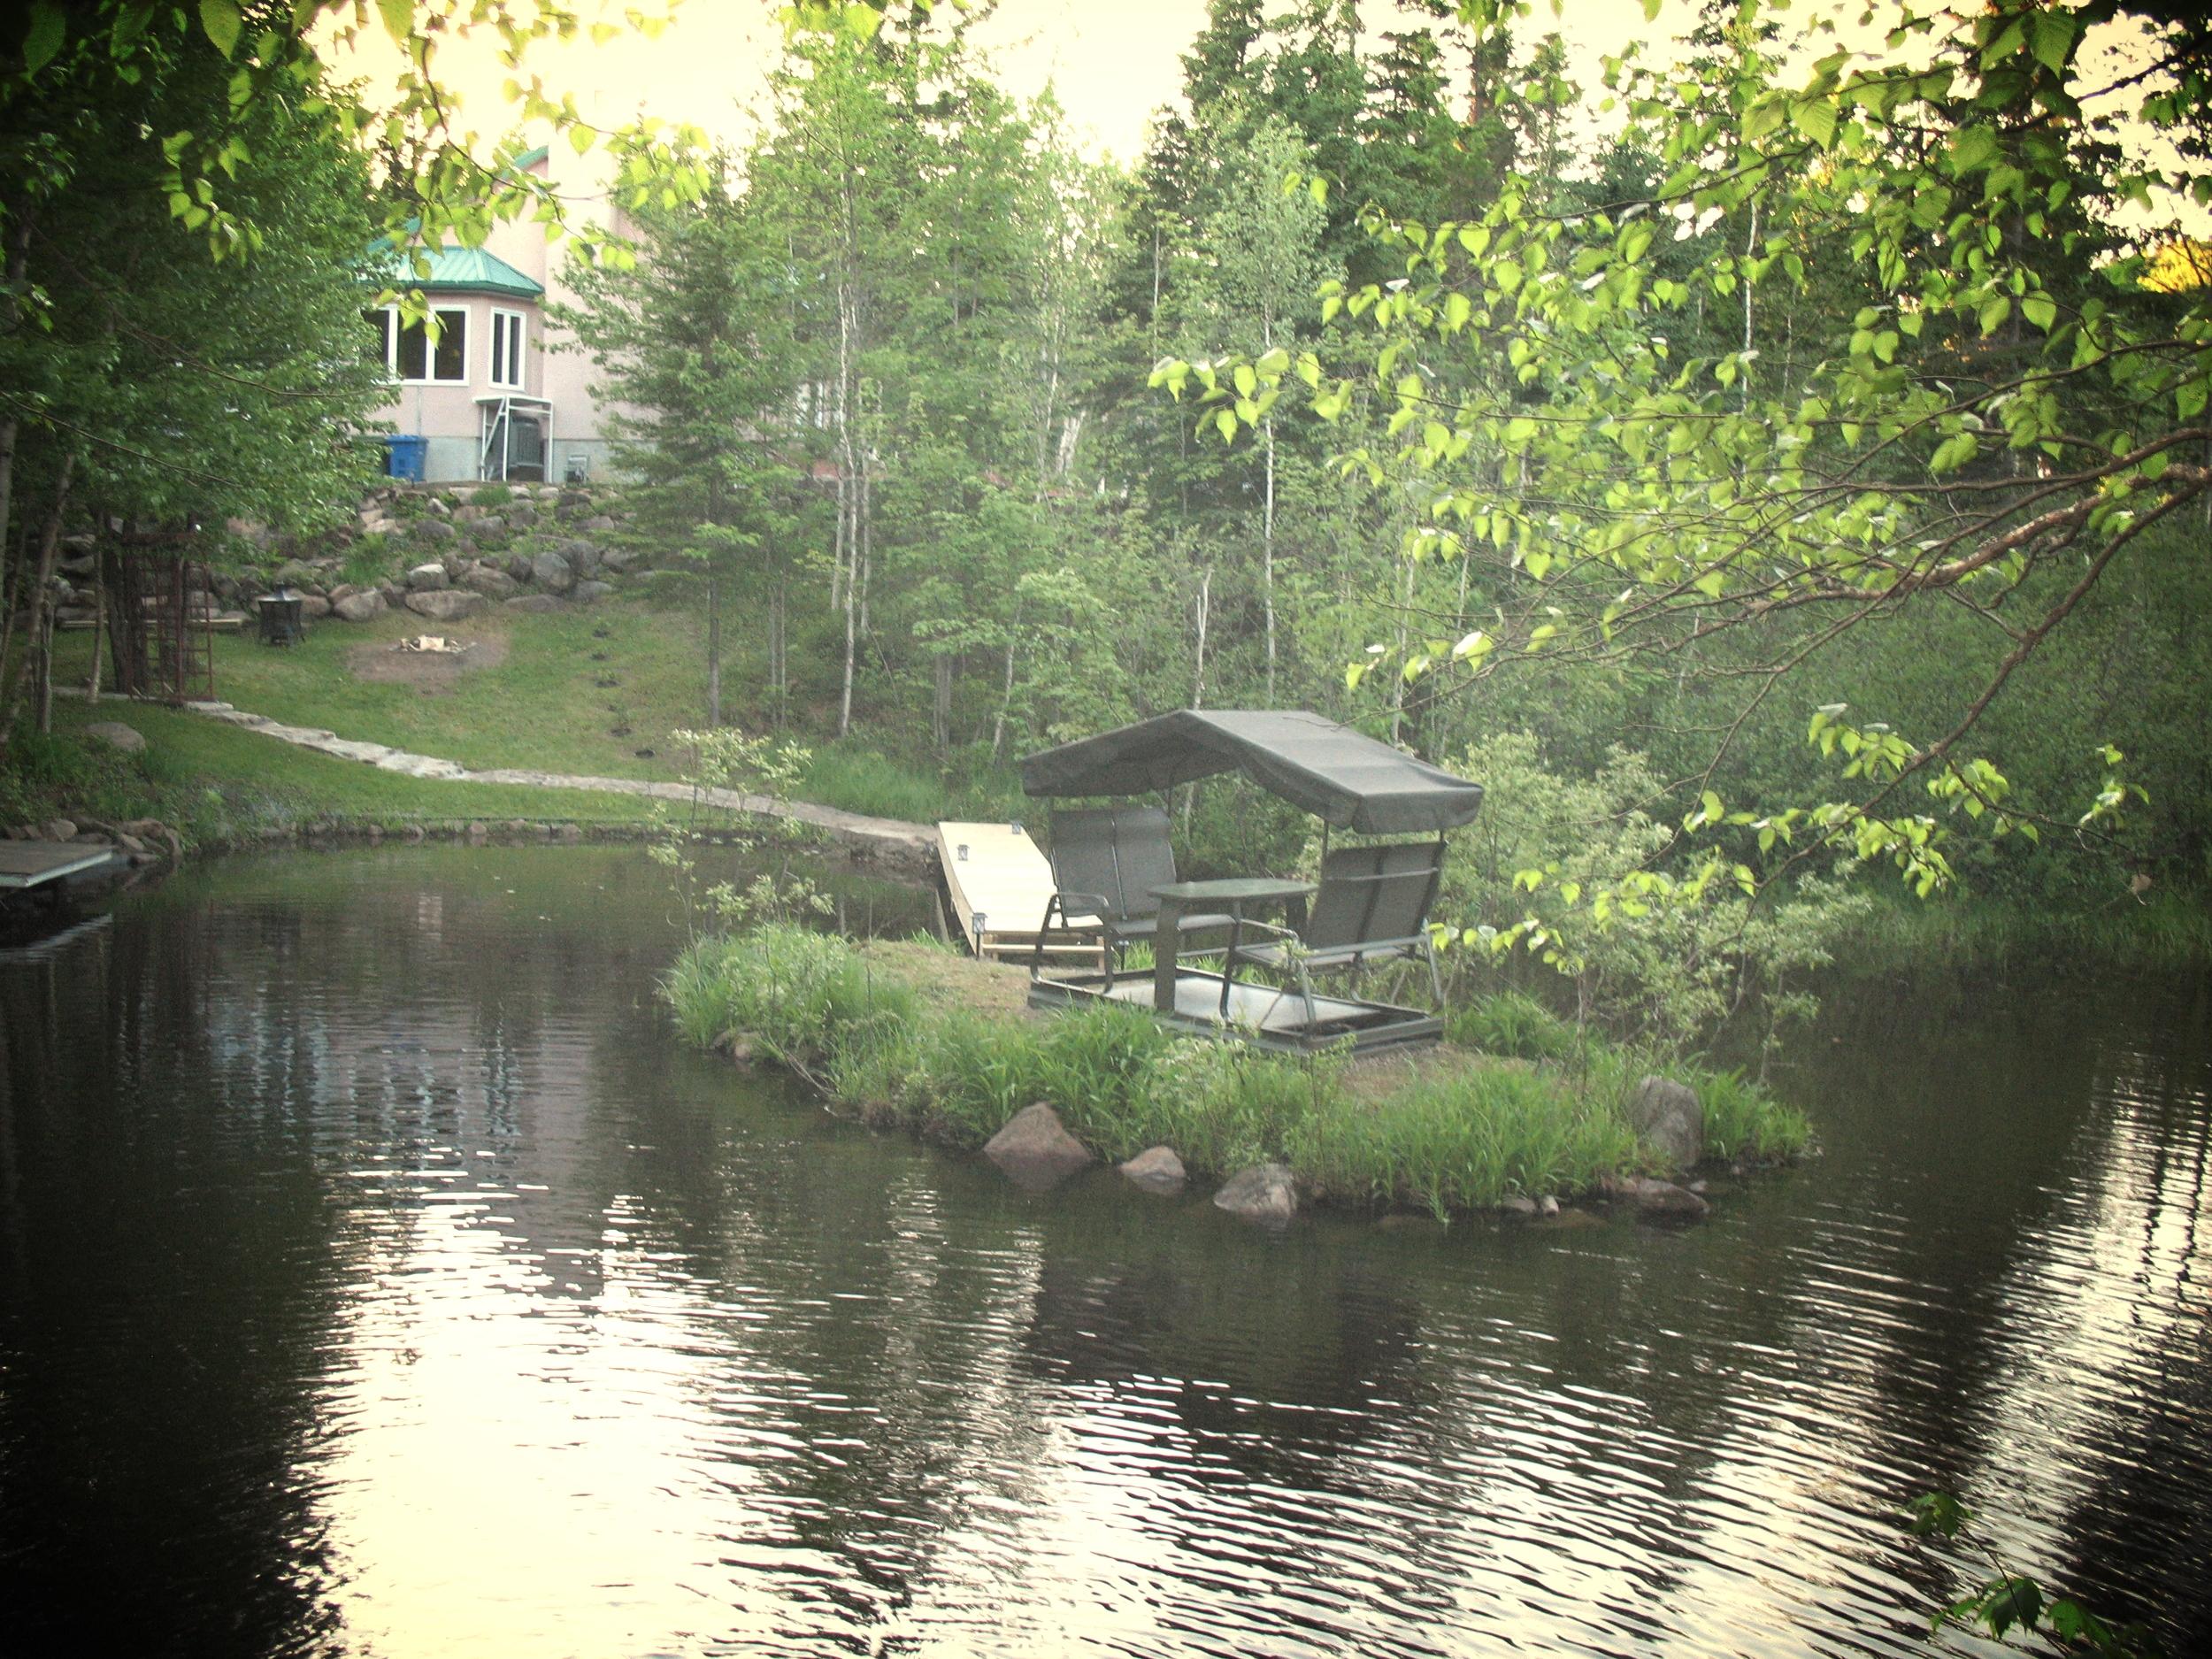 maison-à-vendre-293-chemin-des-lacs-lac-beauport-david-fafard-courtier-immobilier (6).JPG